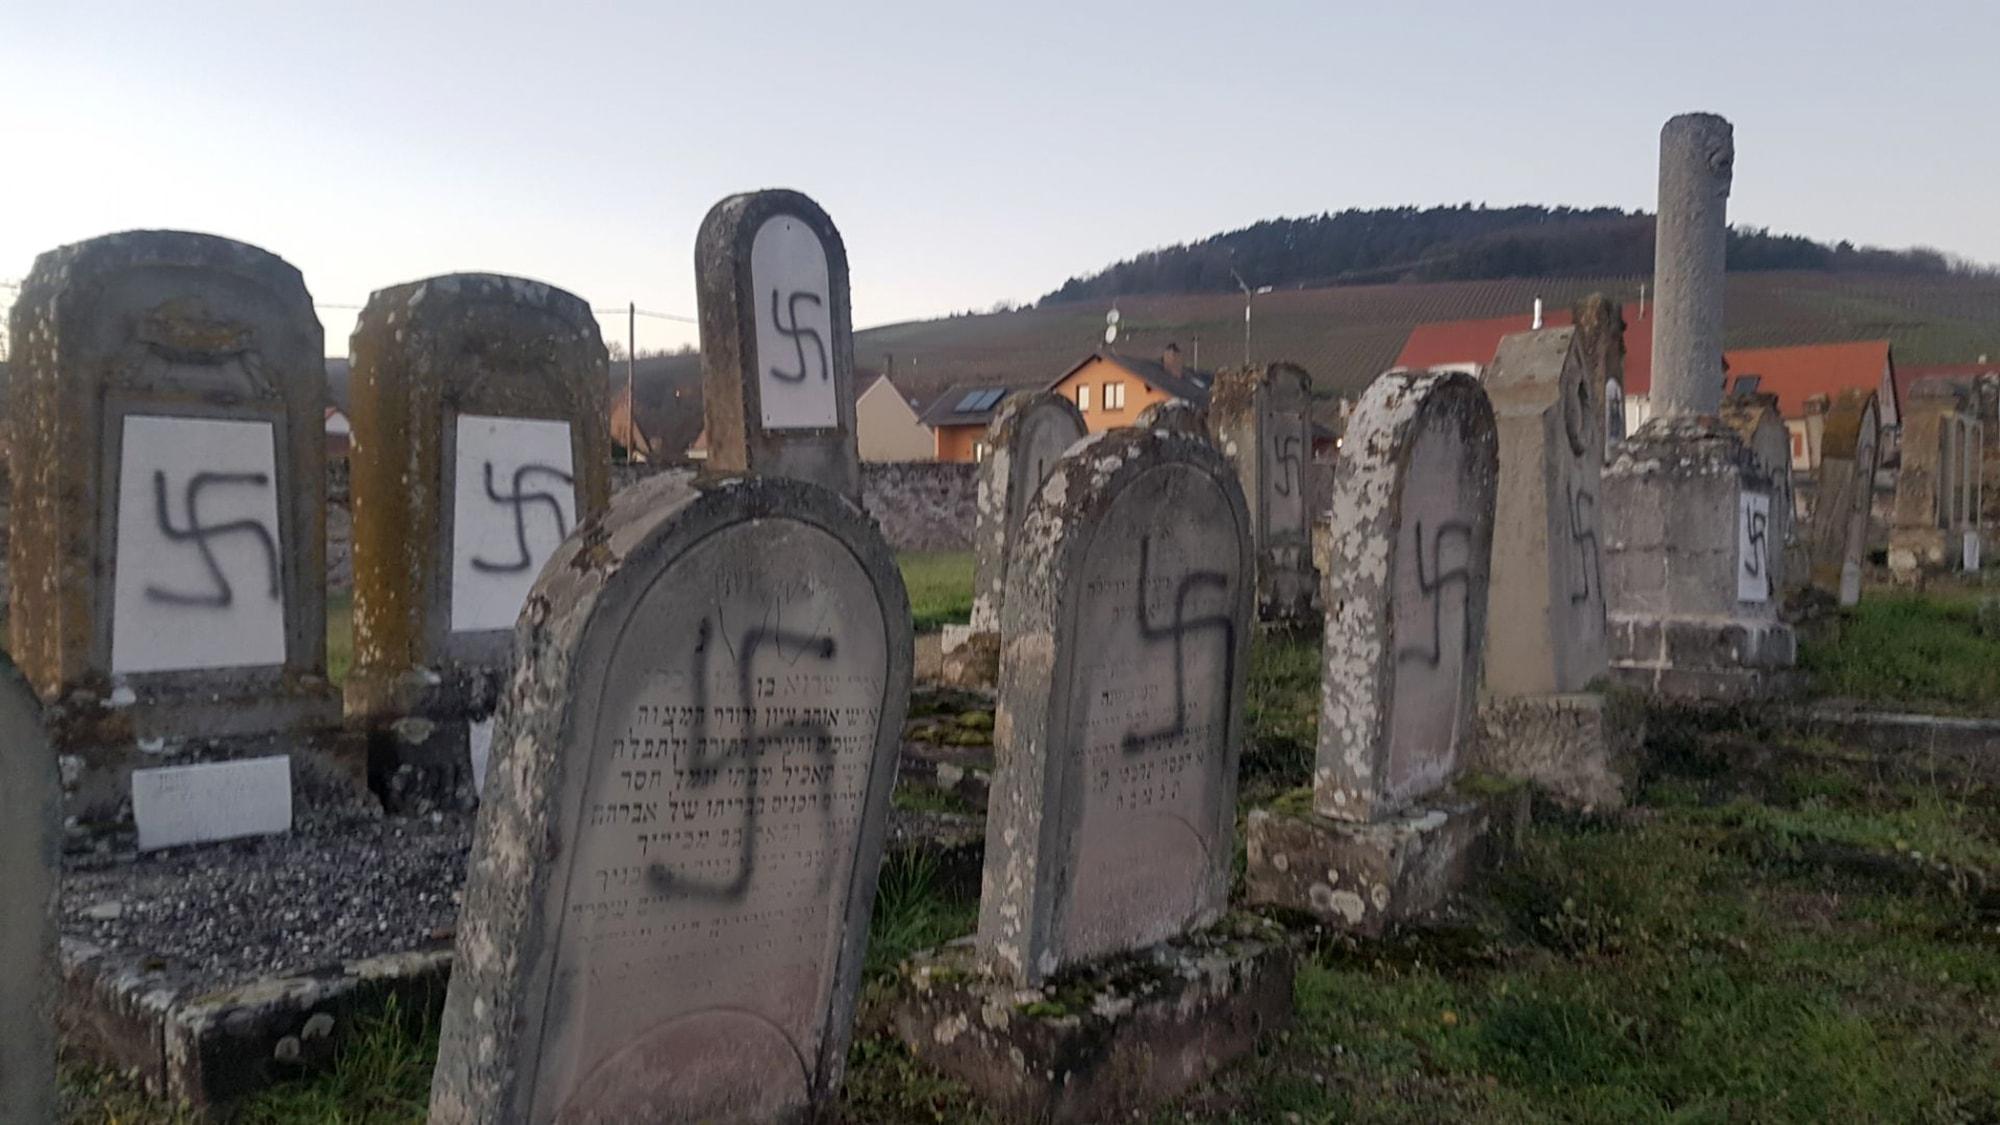 צלבי קרס על מצבות בבית הקברות היהודי בווסטהופן, צרפת, 3 בדצמבר 2019 (צילום: AP Photo)